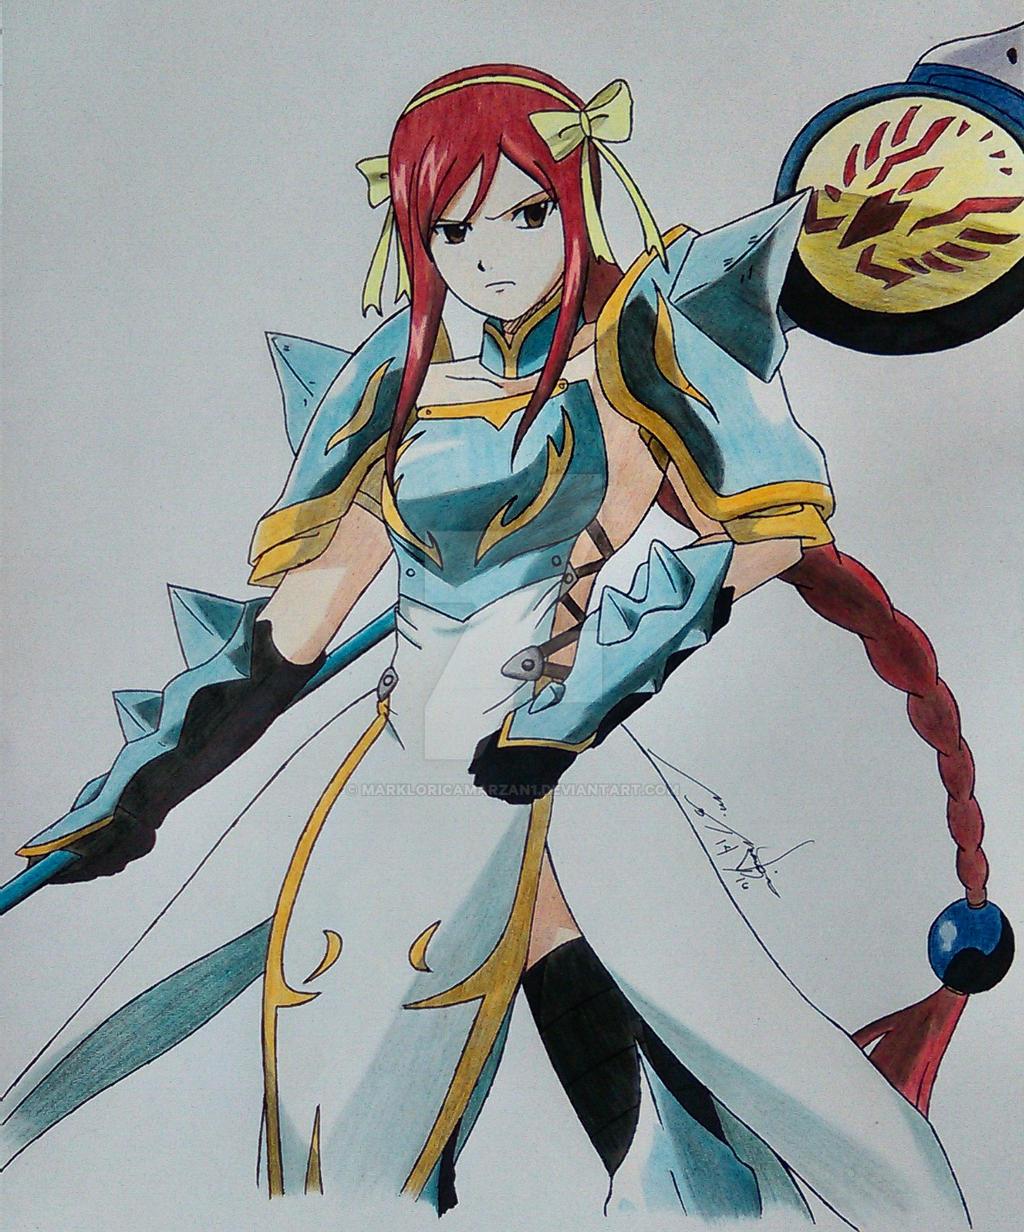 lightning empress armor of erza scarlet by